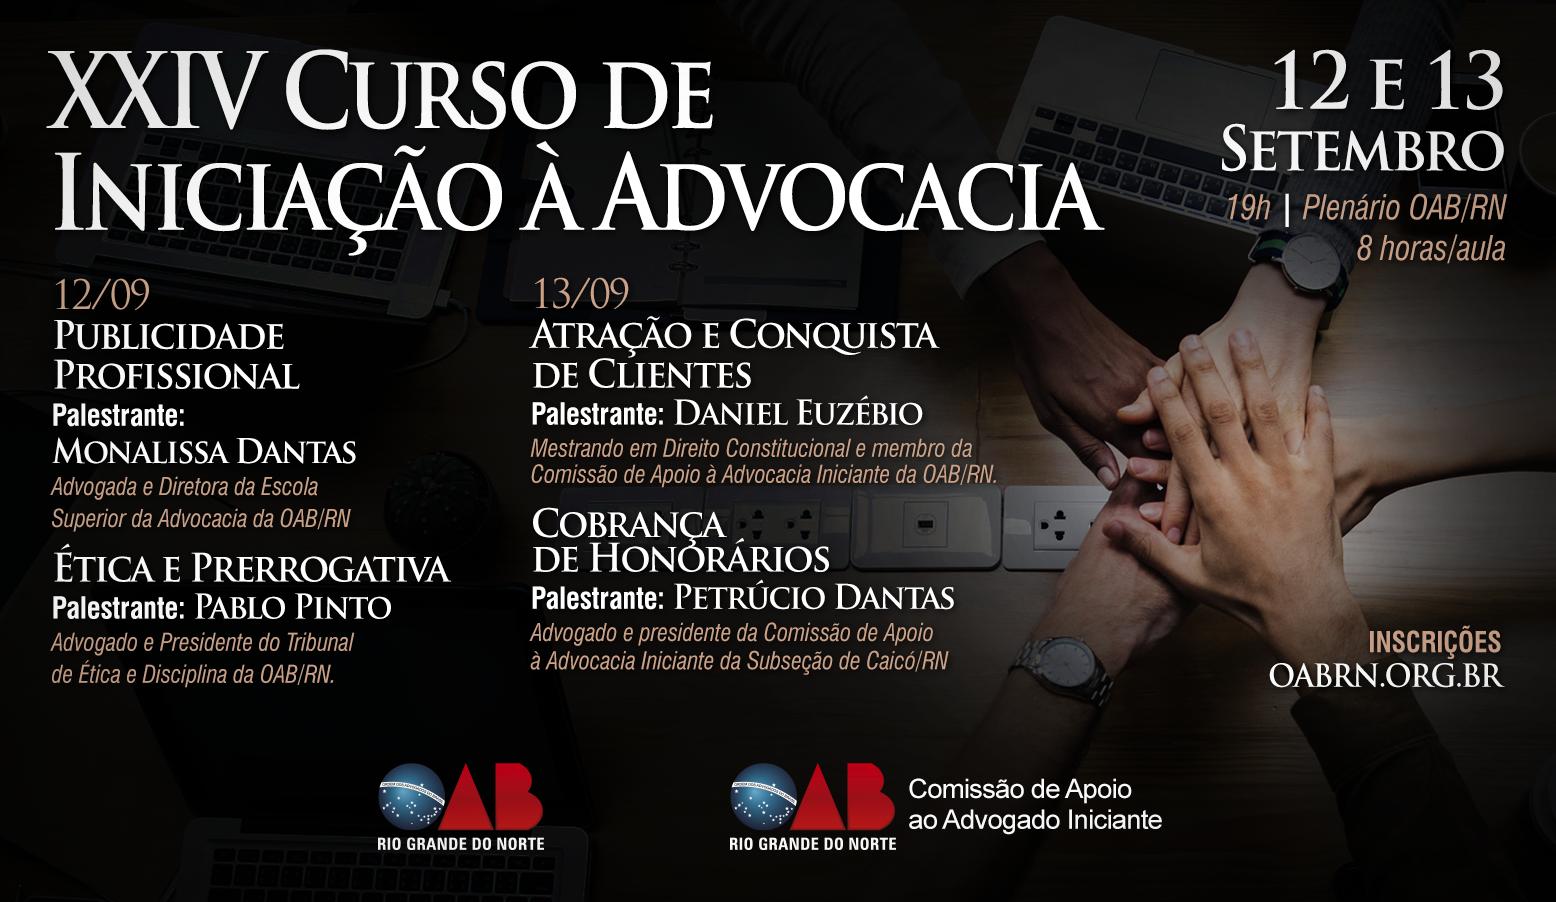 Publicidade, Ética e Prerrogativas são temas do Curso de Iniciação à Advocacia